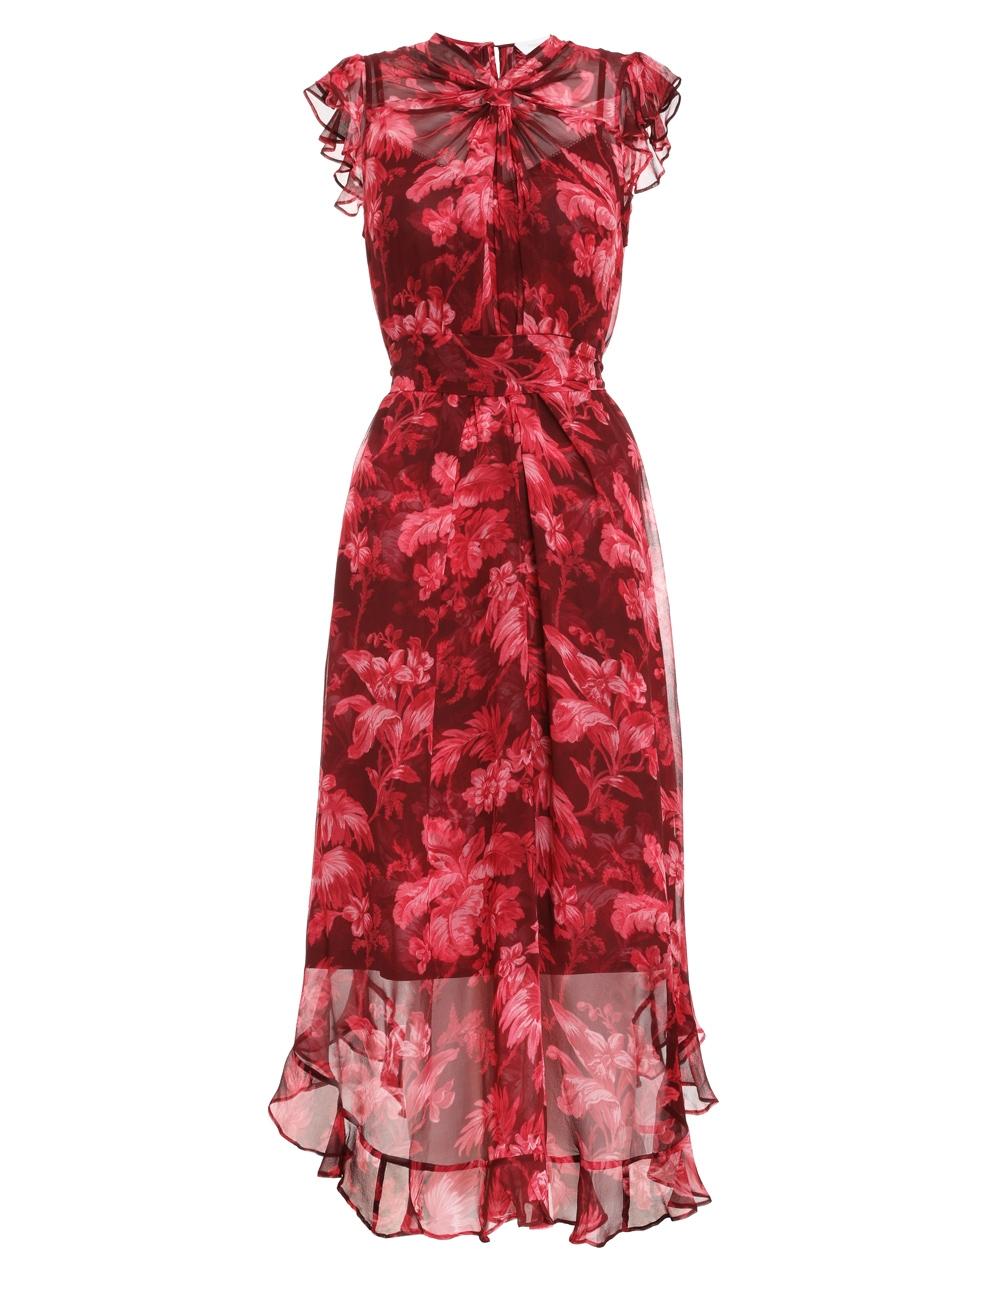 Ladybeetle Twist Flutter Dress